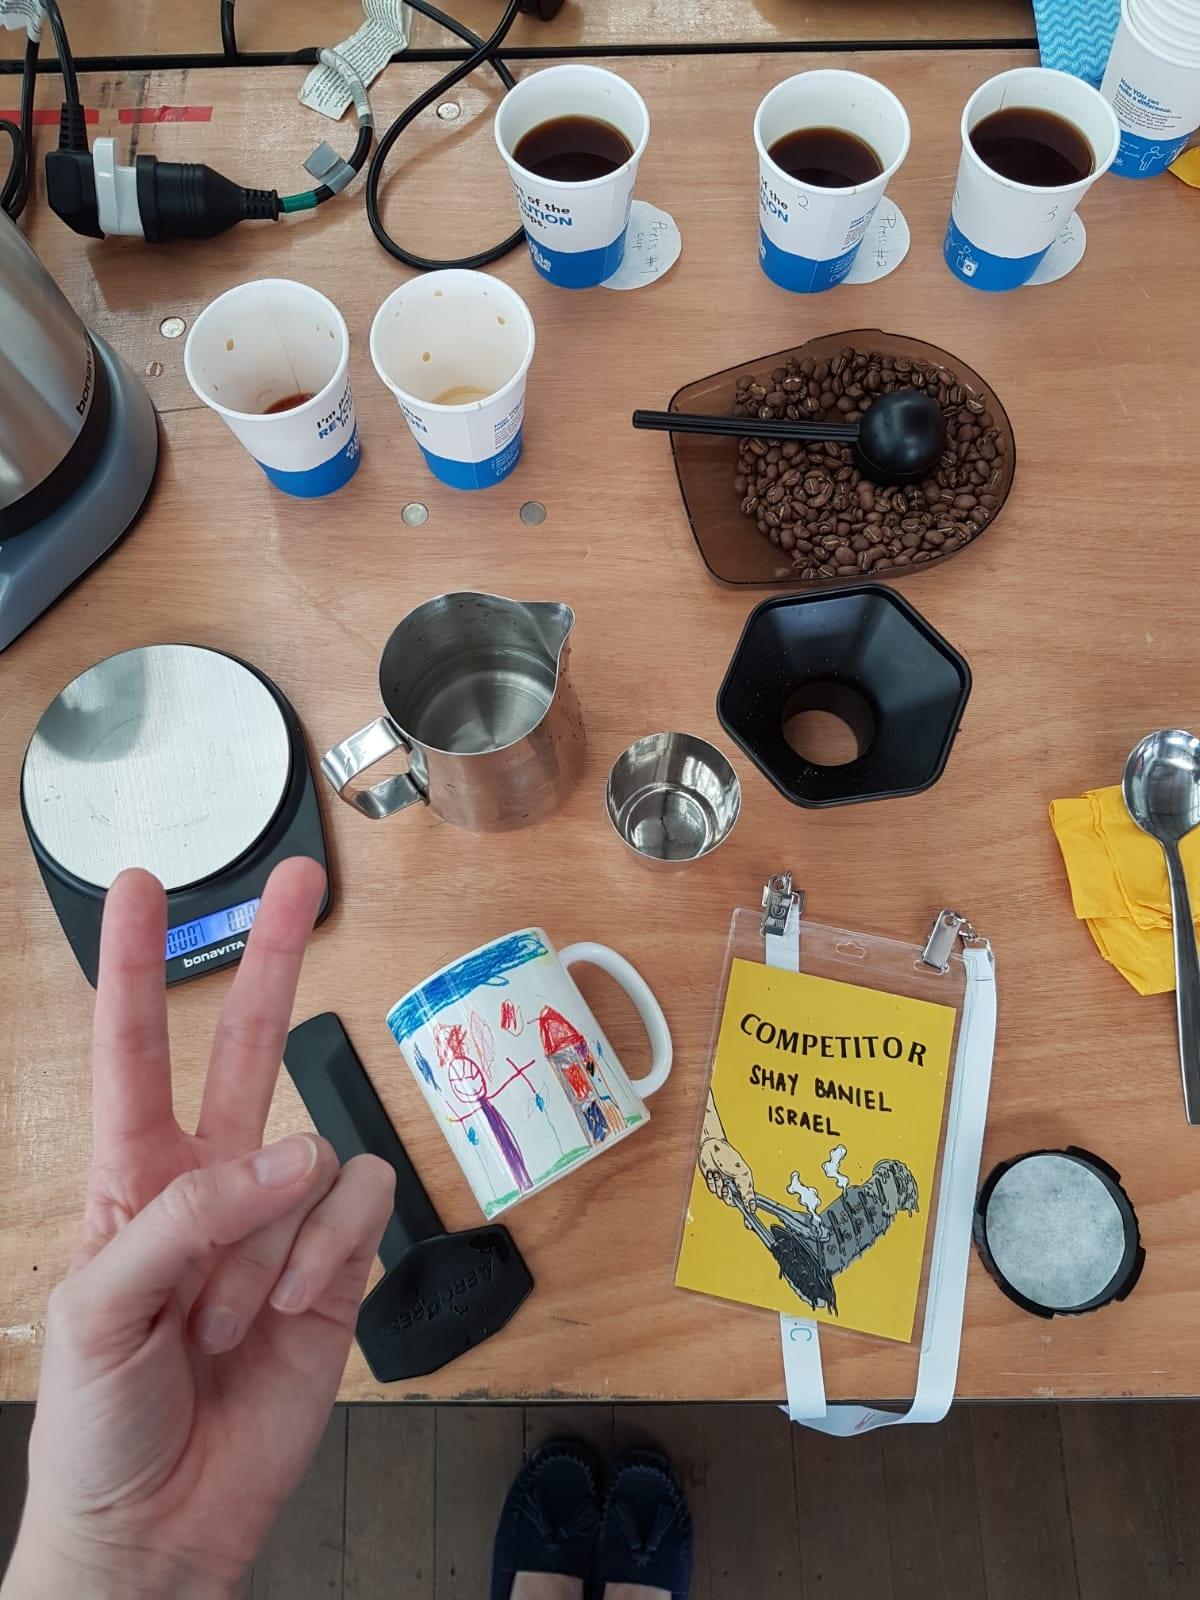 תהליך הכנת קפה